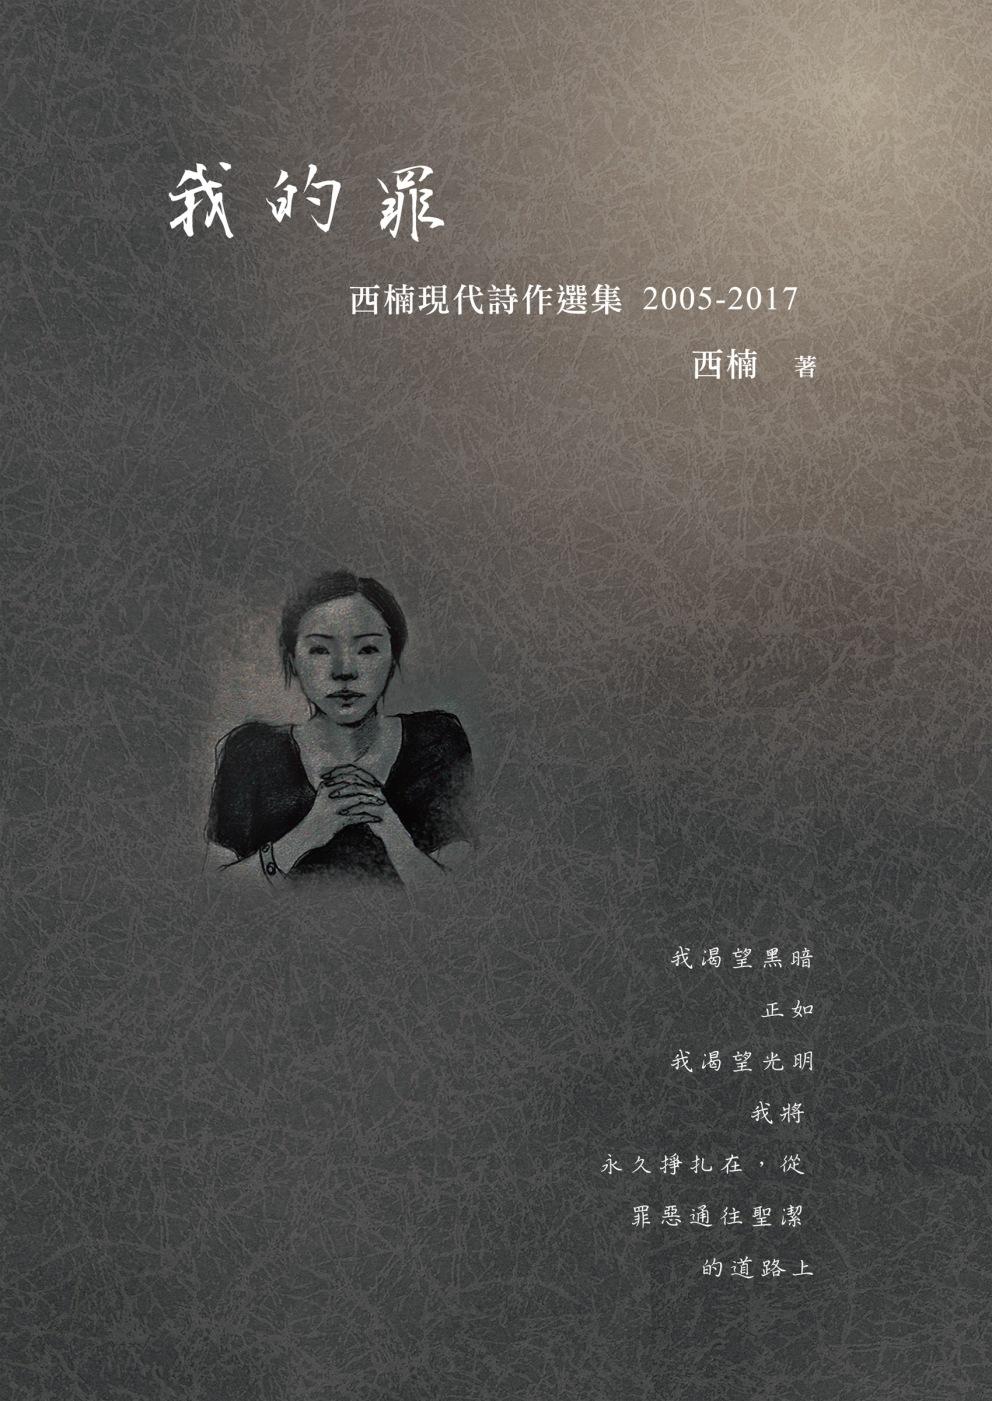 我的罪:西楠現代詩作選集 2005-2017